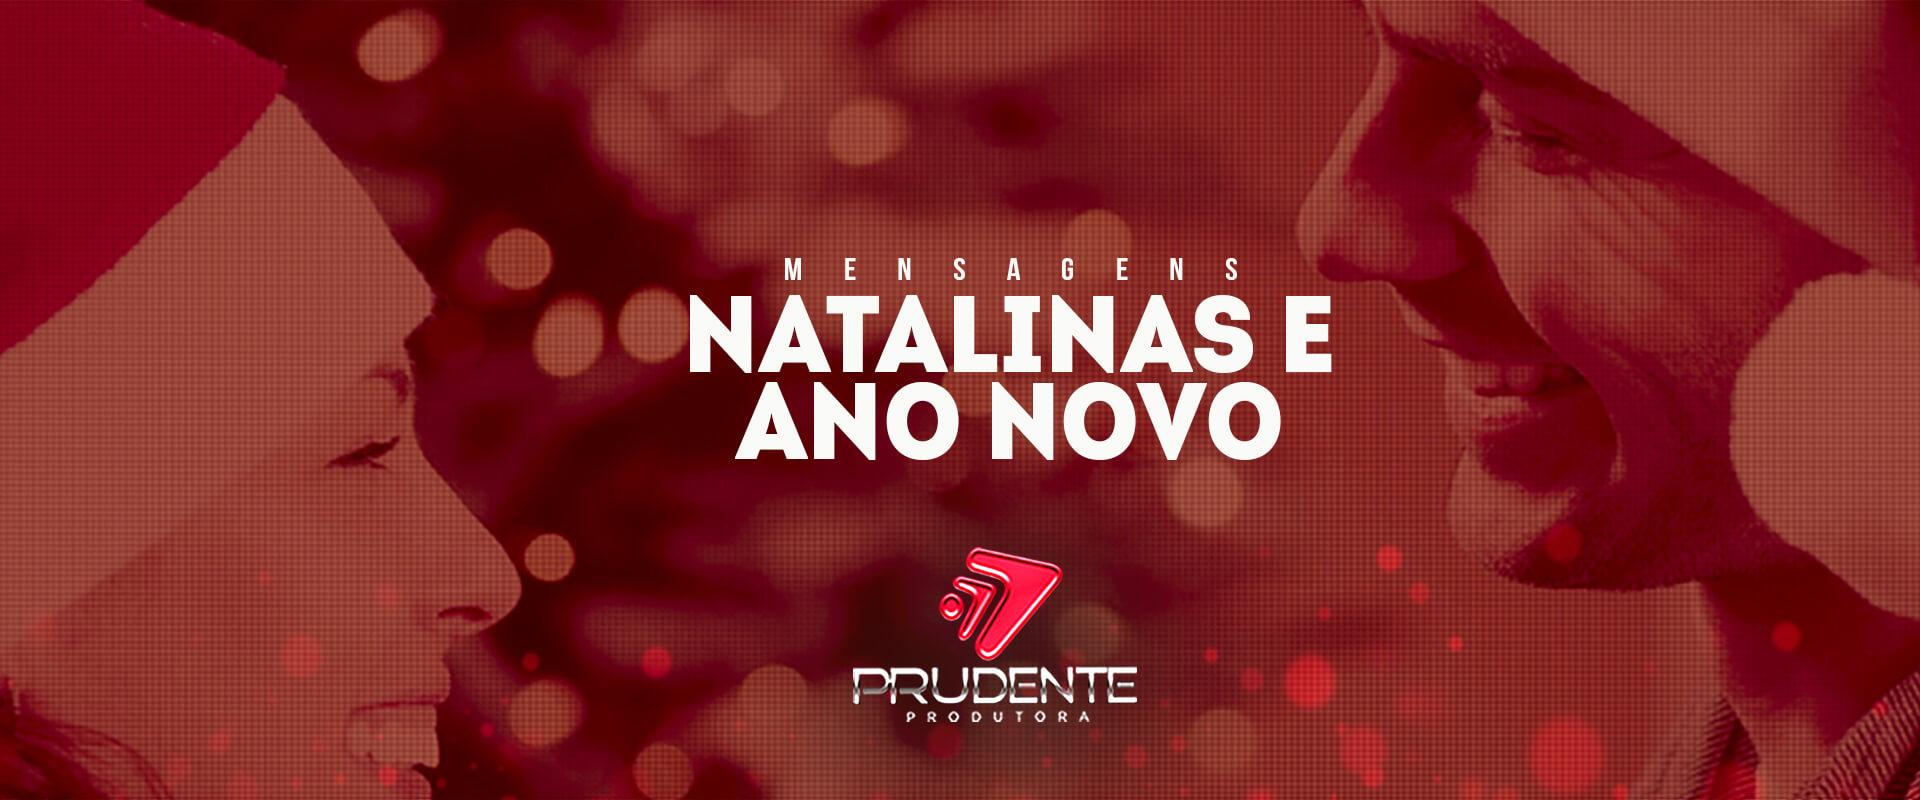 Mensagens Natalinas e Ano Novo